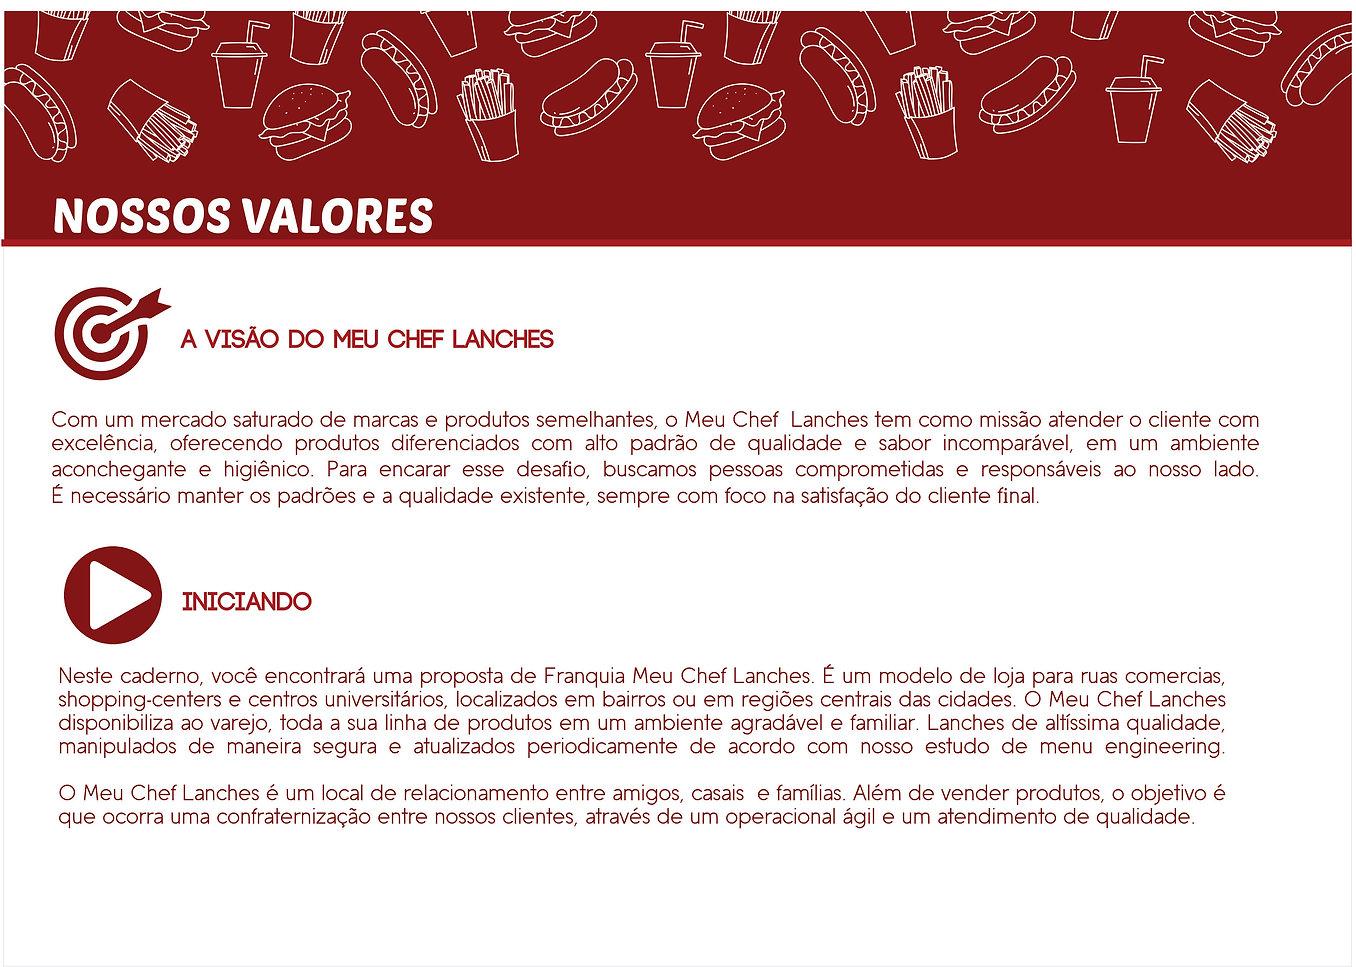 4- Nossos Valores.jpg